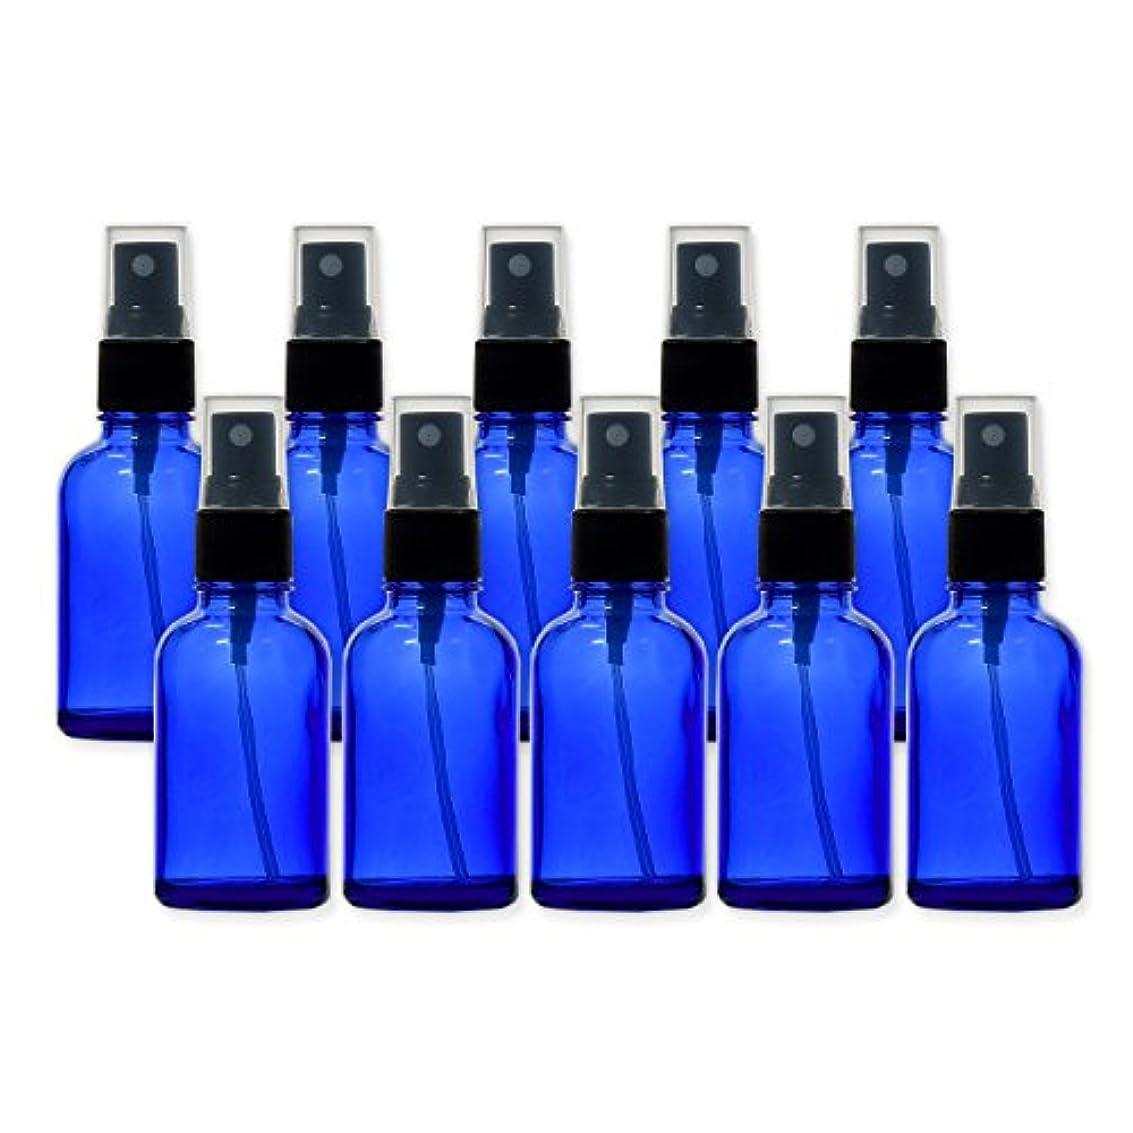 粘液ファイアル地元青色ガラススプレーボトル 50ml (10本セット)